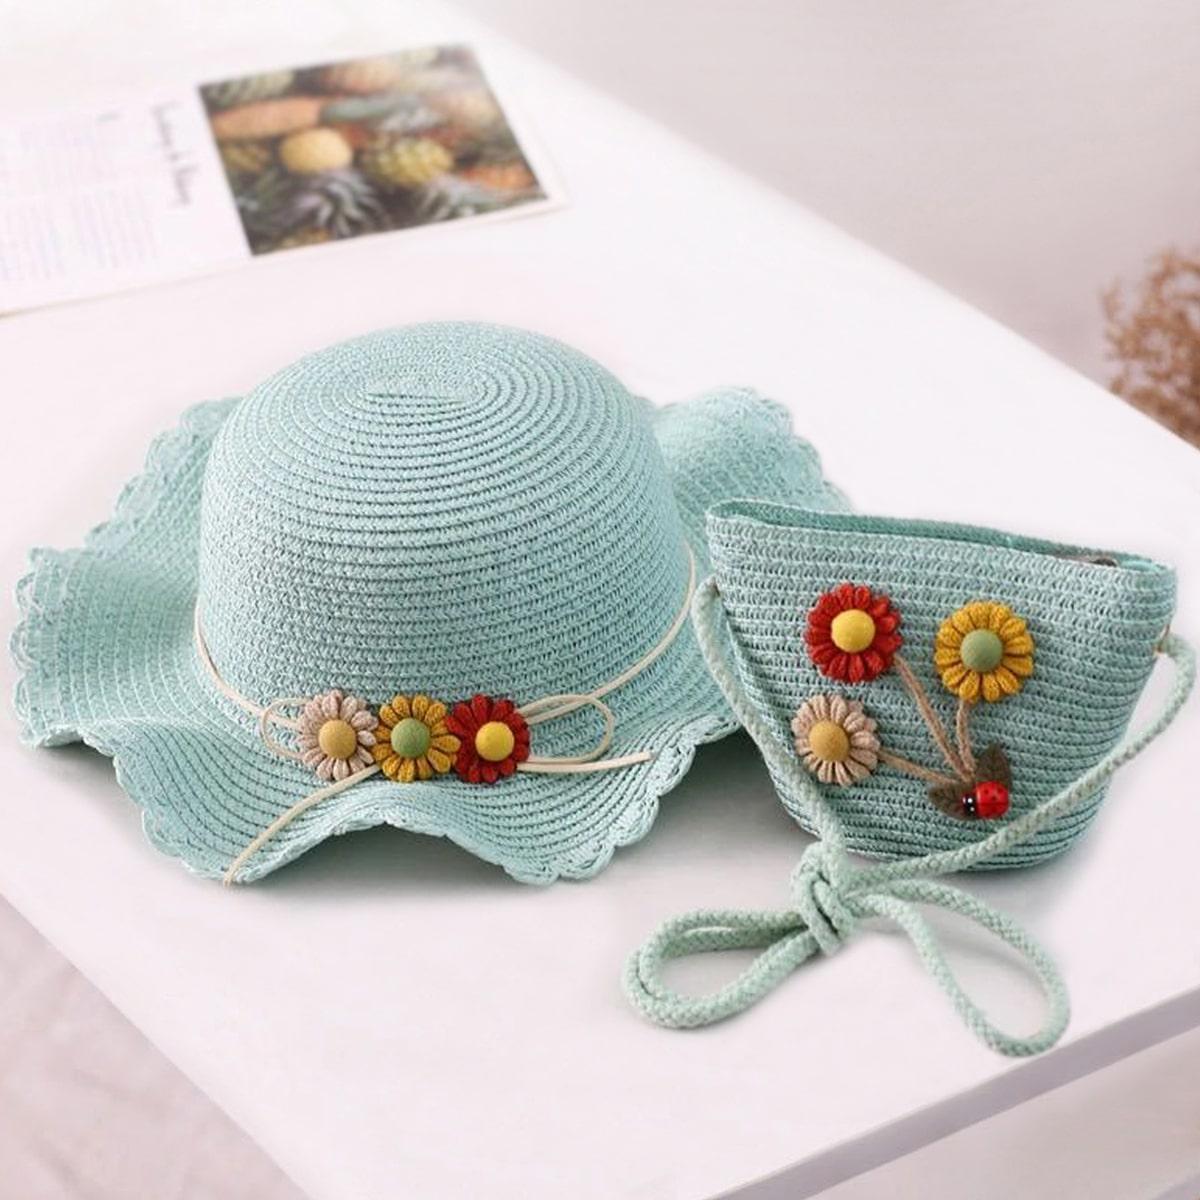 с аппликацией Со цветочками Комплекты детских сумок по цене 650